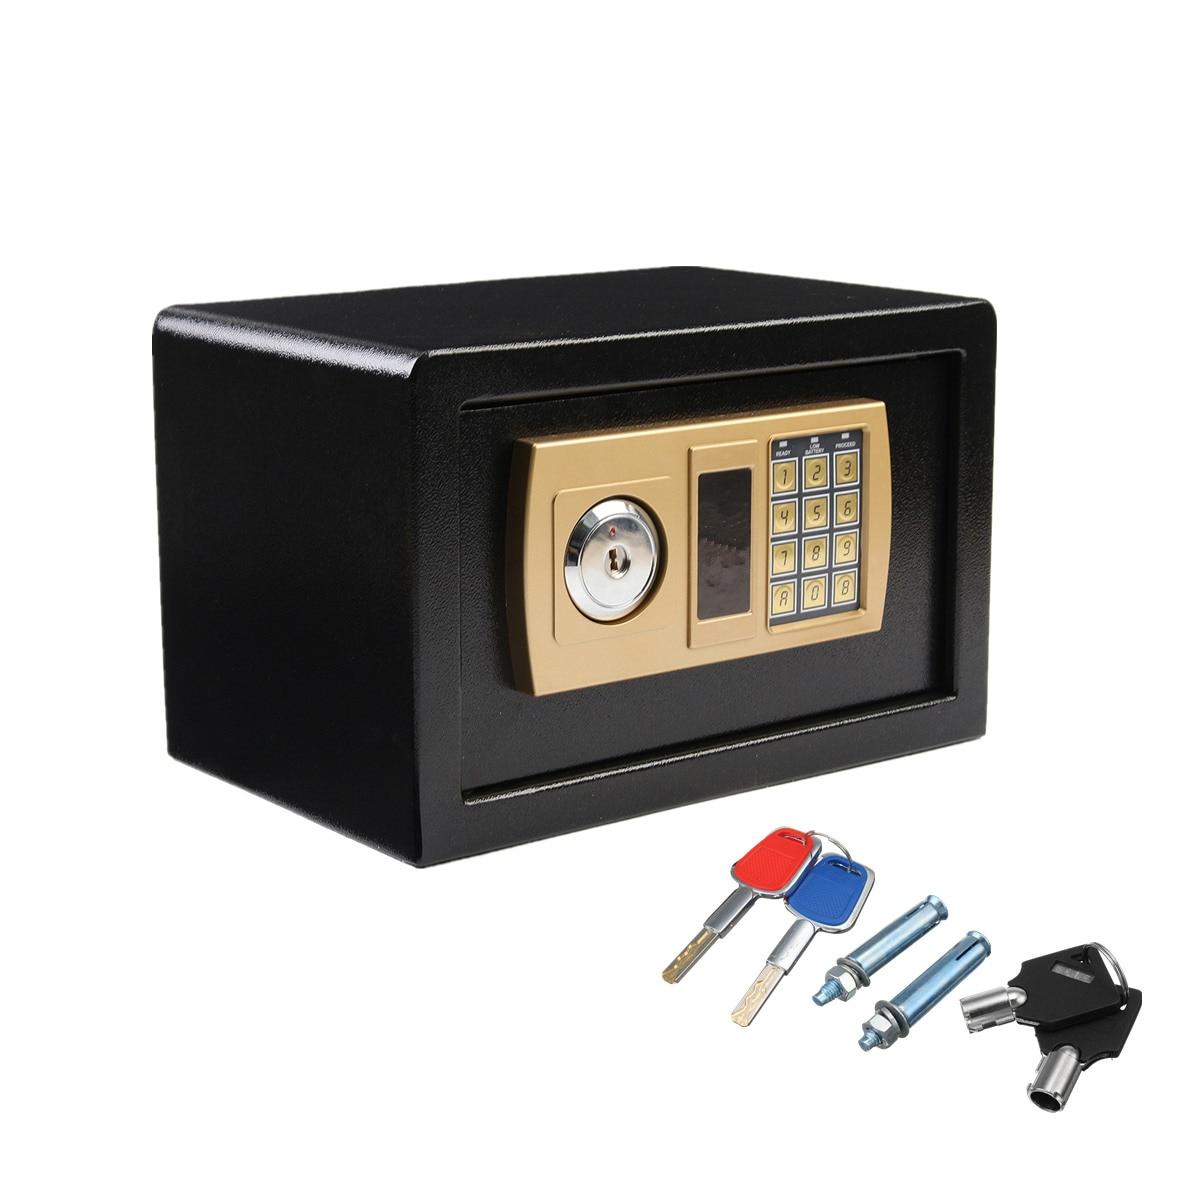 Цифровой Сейф 310x200x200 мм Для огнестойкости, идеальный Сейф безопасности, электронный сейф с паролем для украшений Gold Caja Fuerte